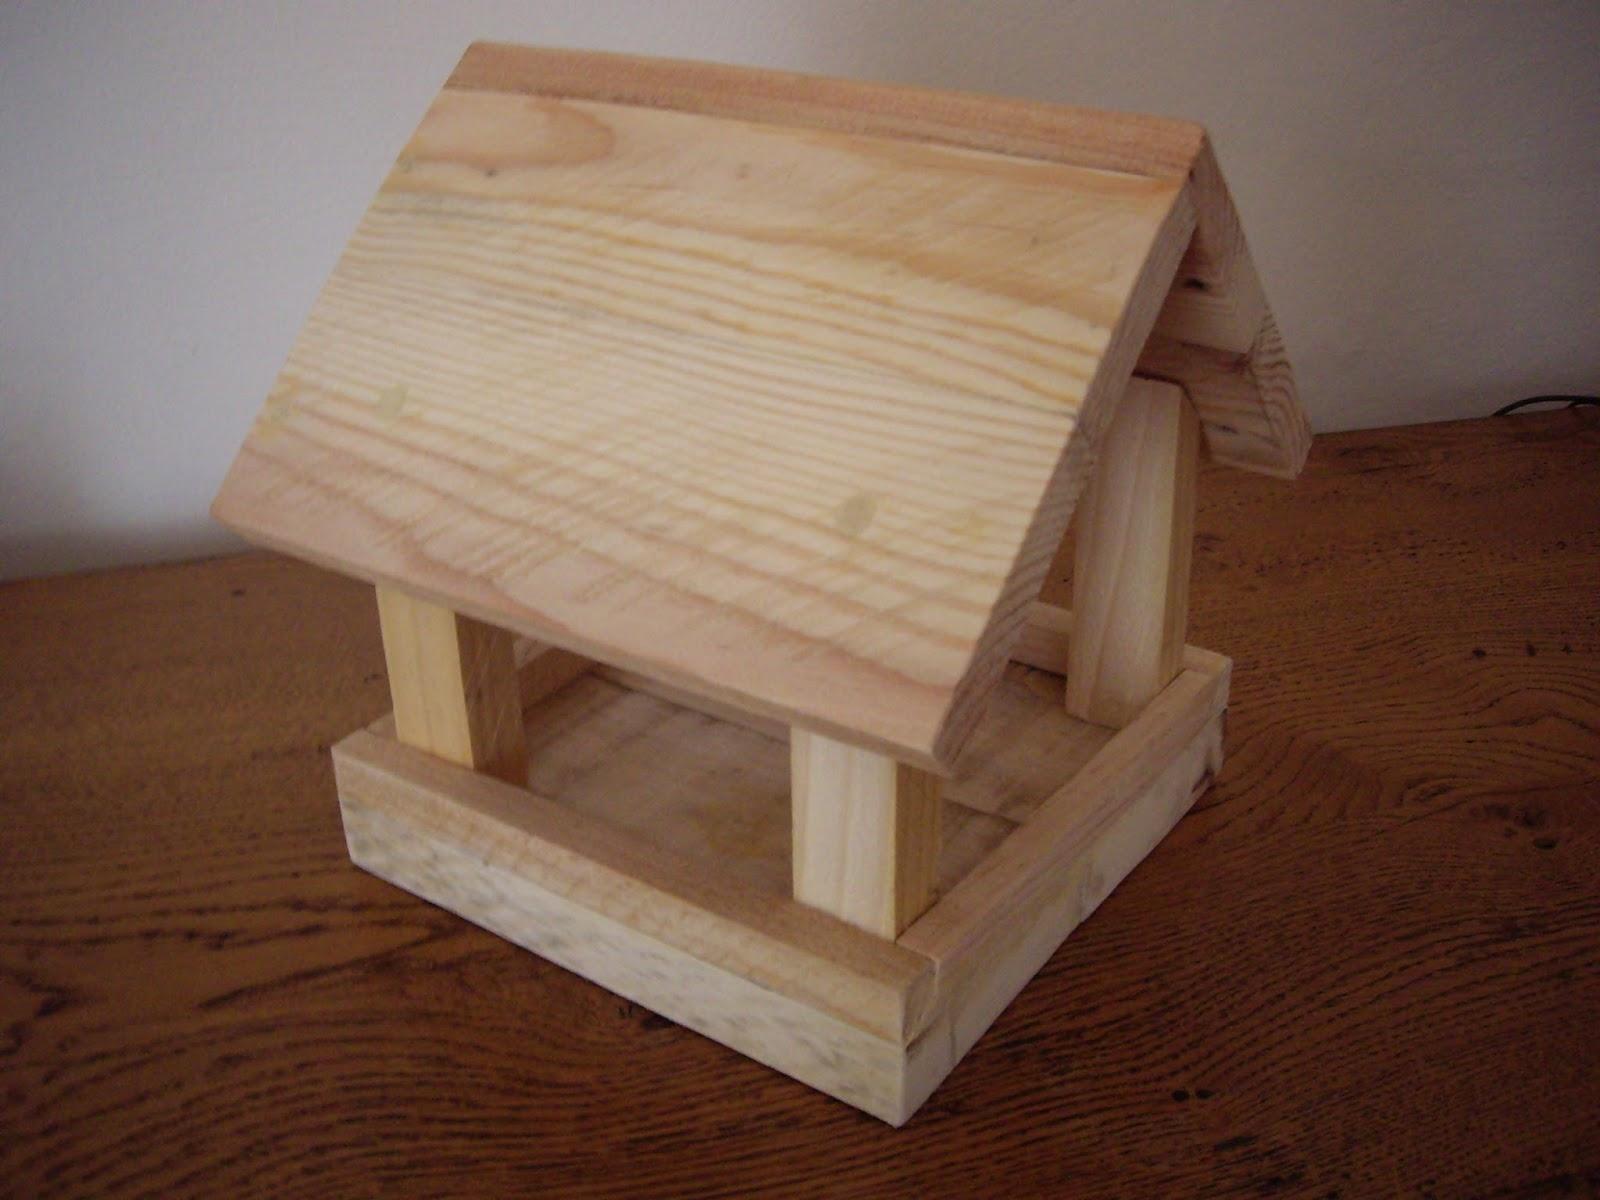 objets d co tutoriels et meubles en bois de palettes petit grainetier en bois de palettes. Black Bedroom Furniture Sets. Home Design Ideas